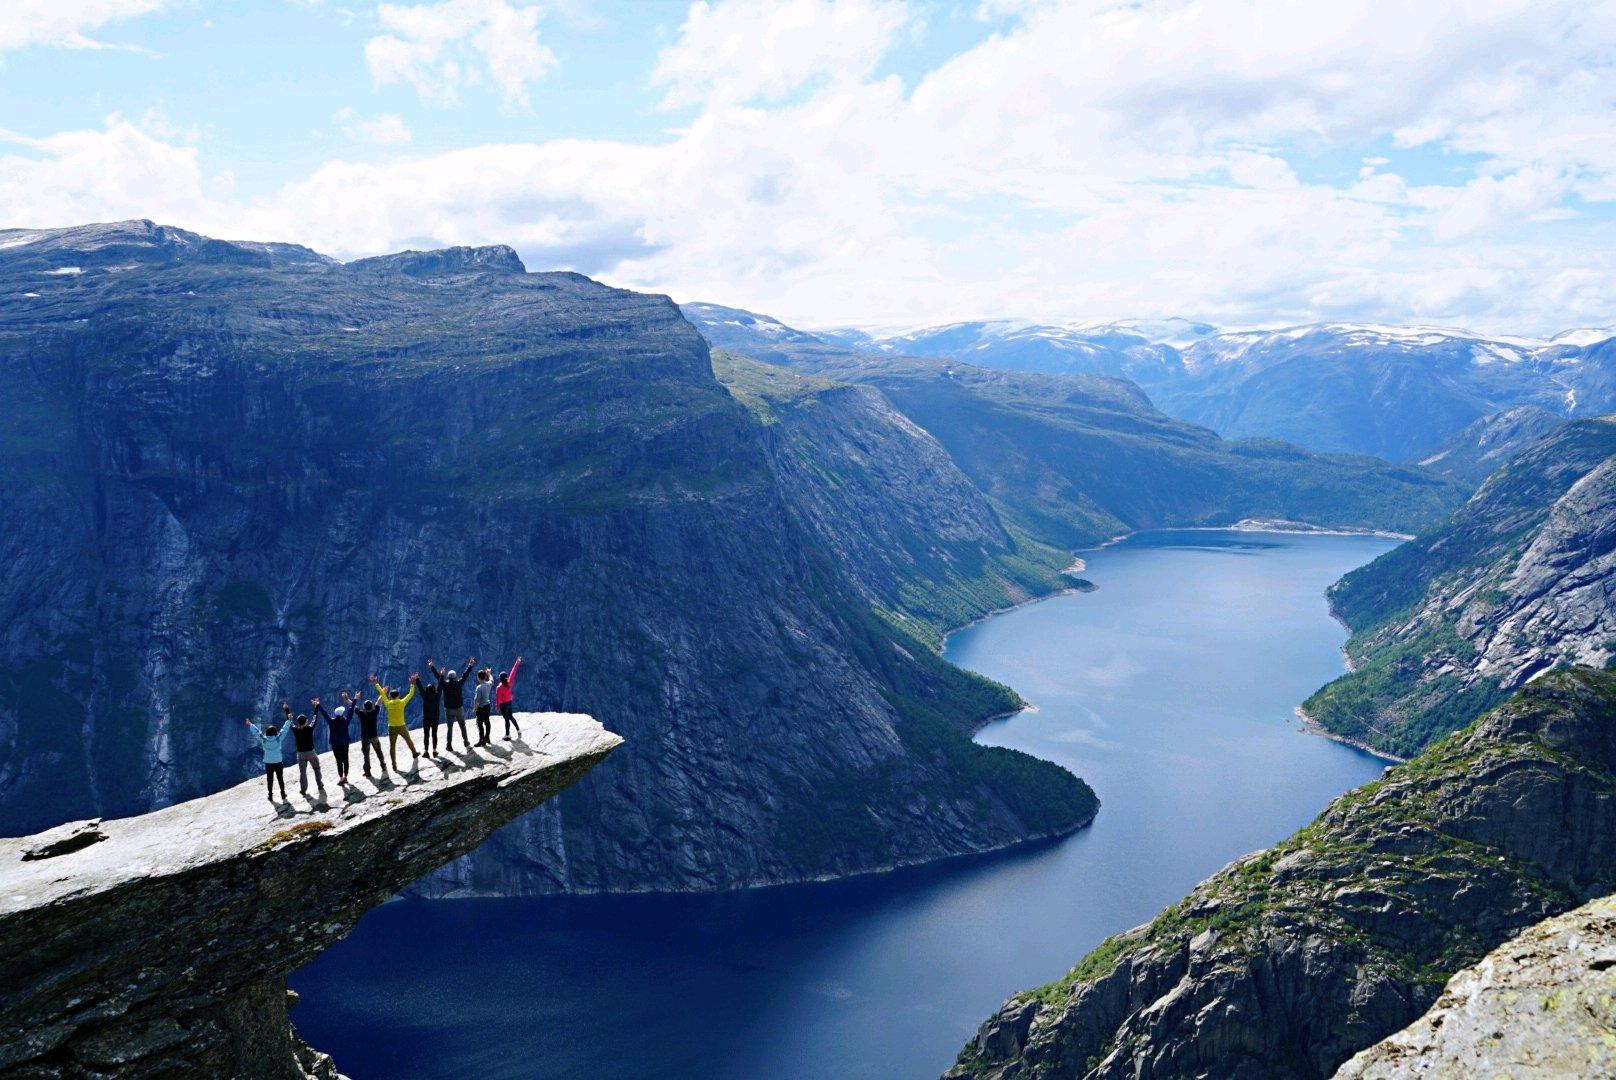 12日德国丹麦挪威游轮自驾山妖之舌